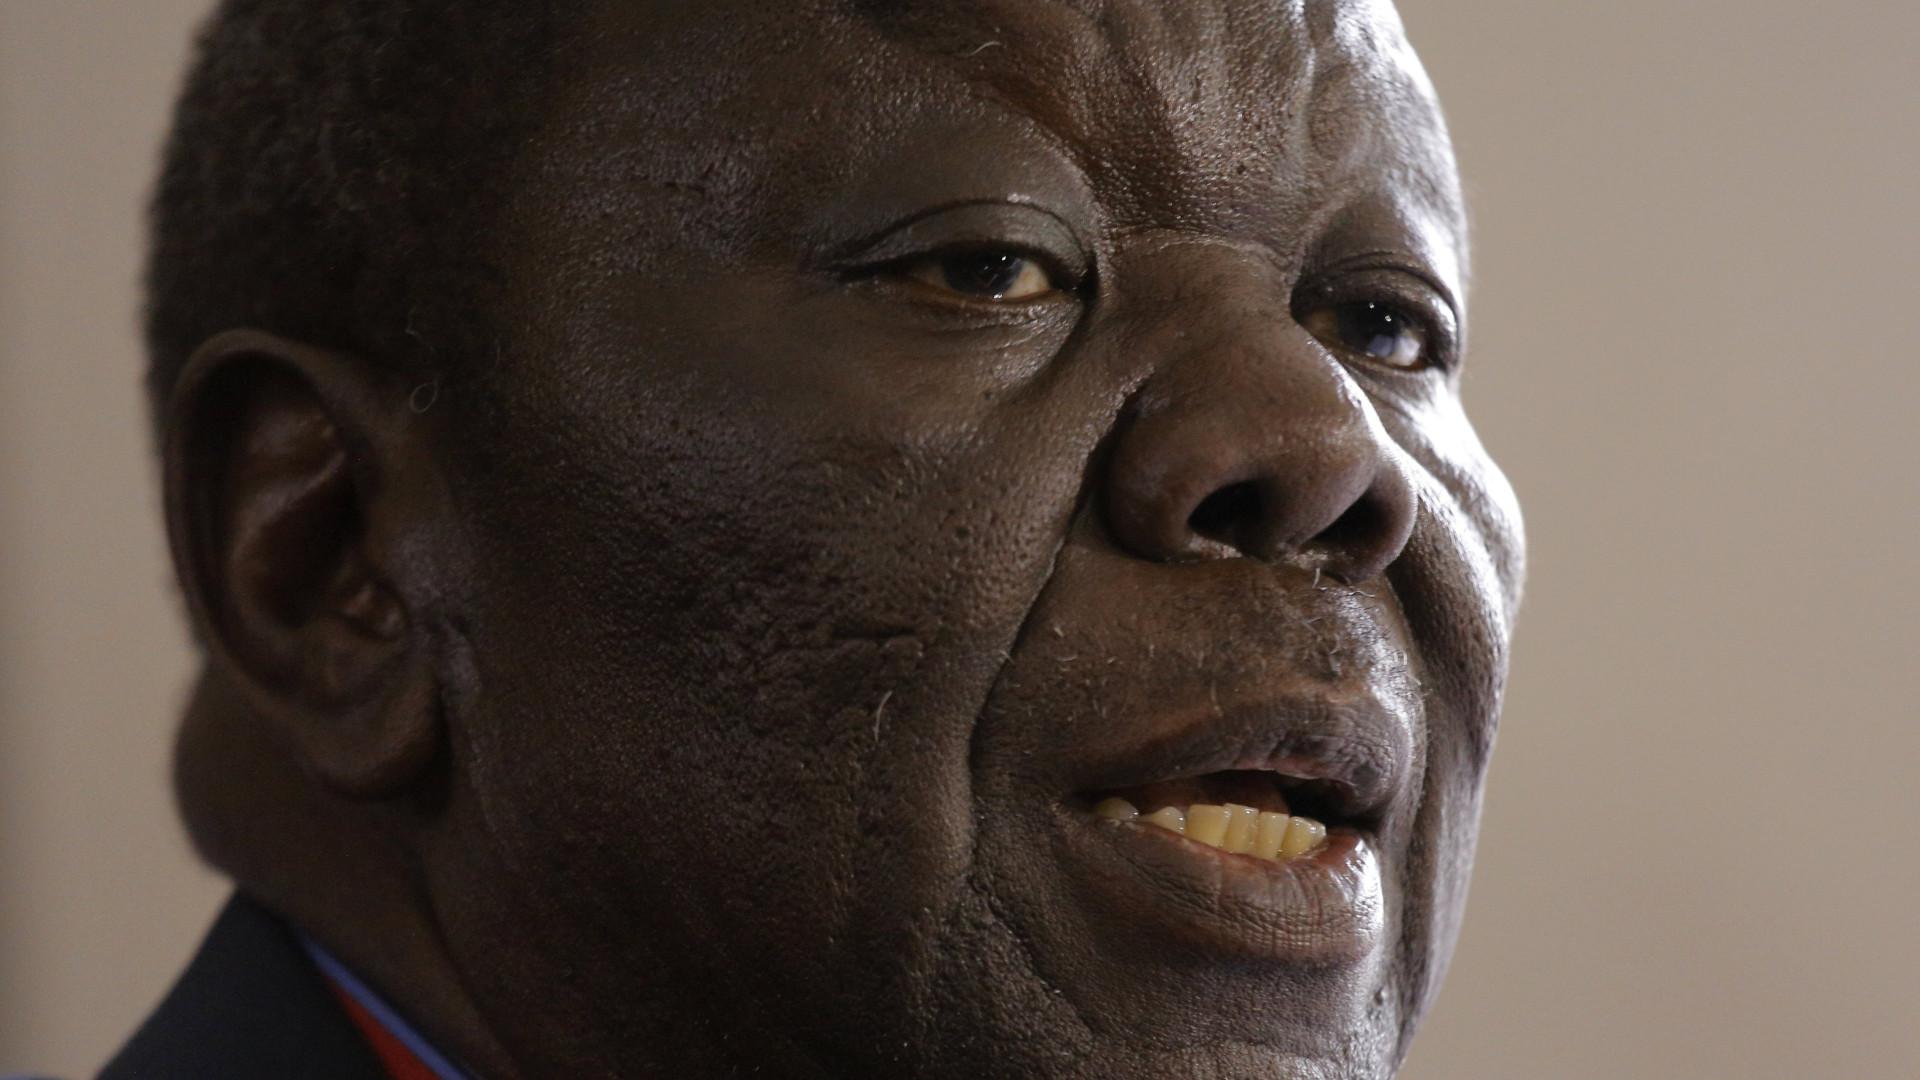 Morreu Morgan Tsvangirai, chefe da oposição no Zimbabué